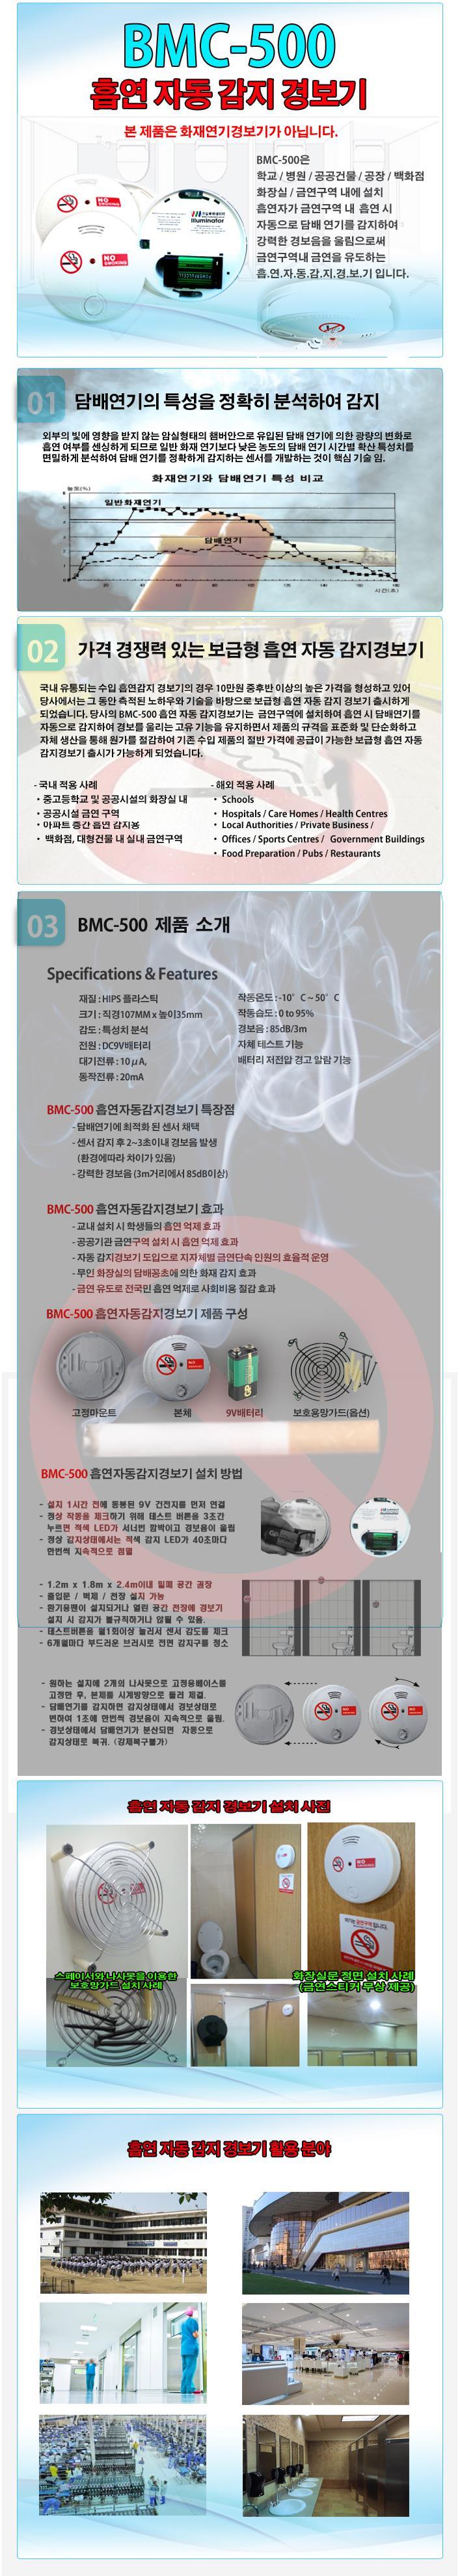 흡연자동감지기.JPG